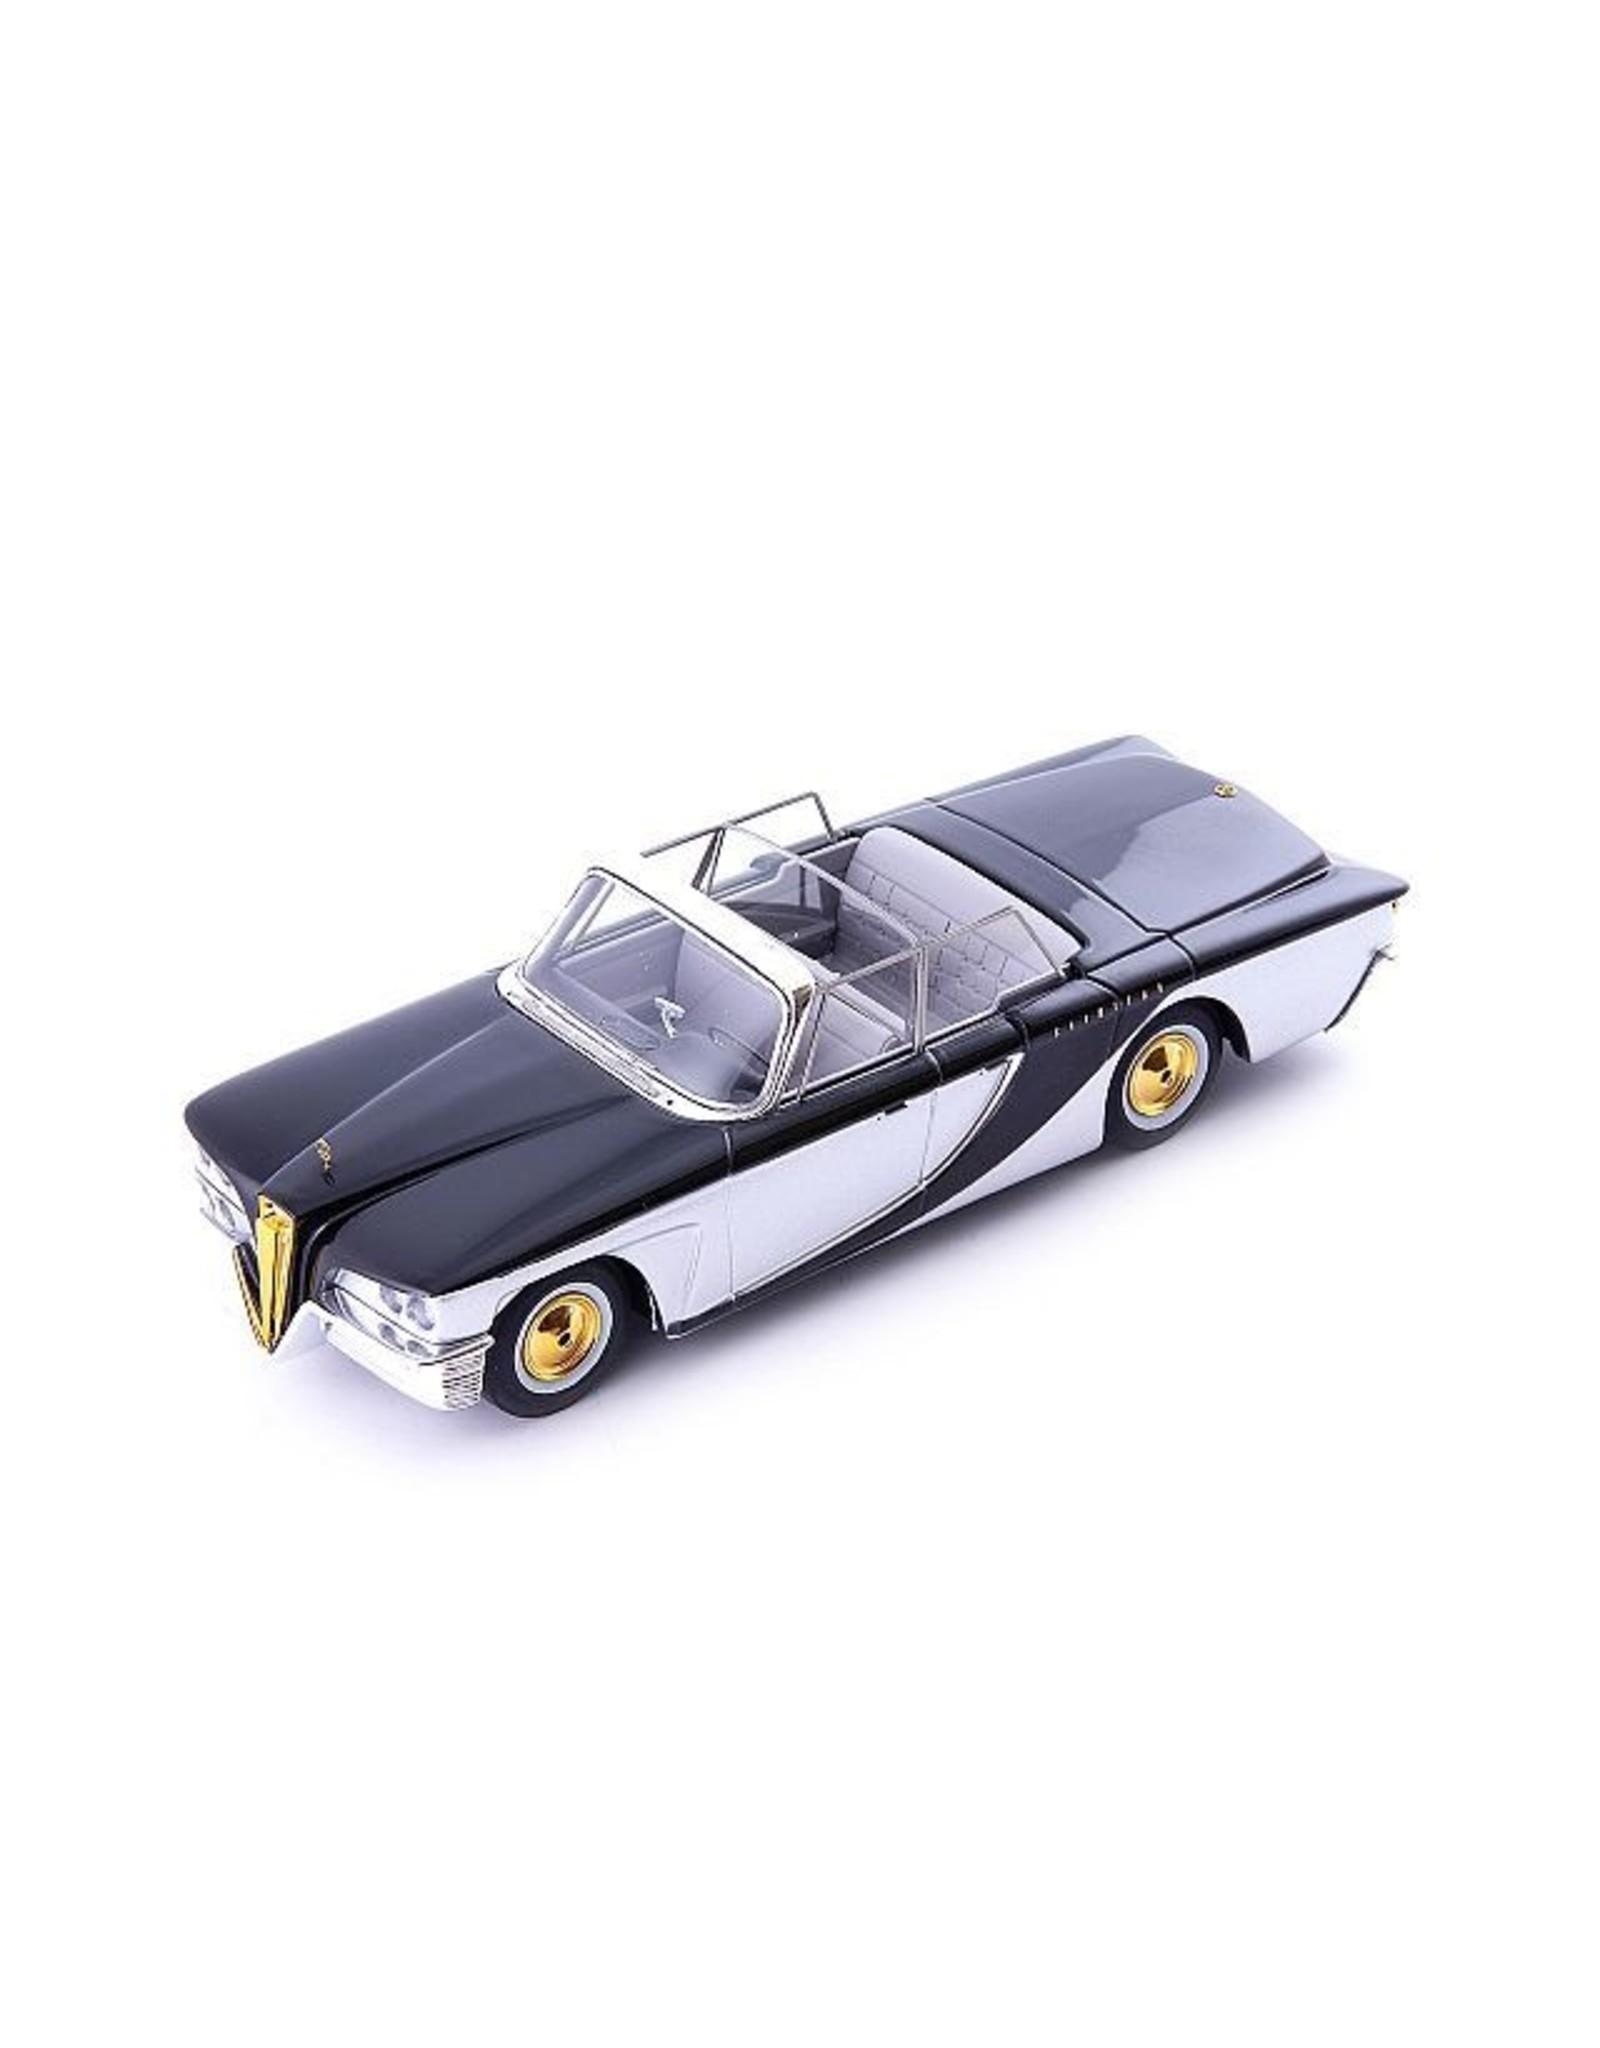 SCIMITAR BY BROOKS STEVENS Brooks Stevens Scimitar Town Car Phaeton(1959)